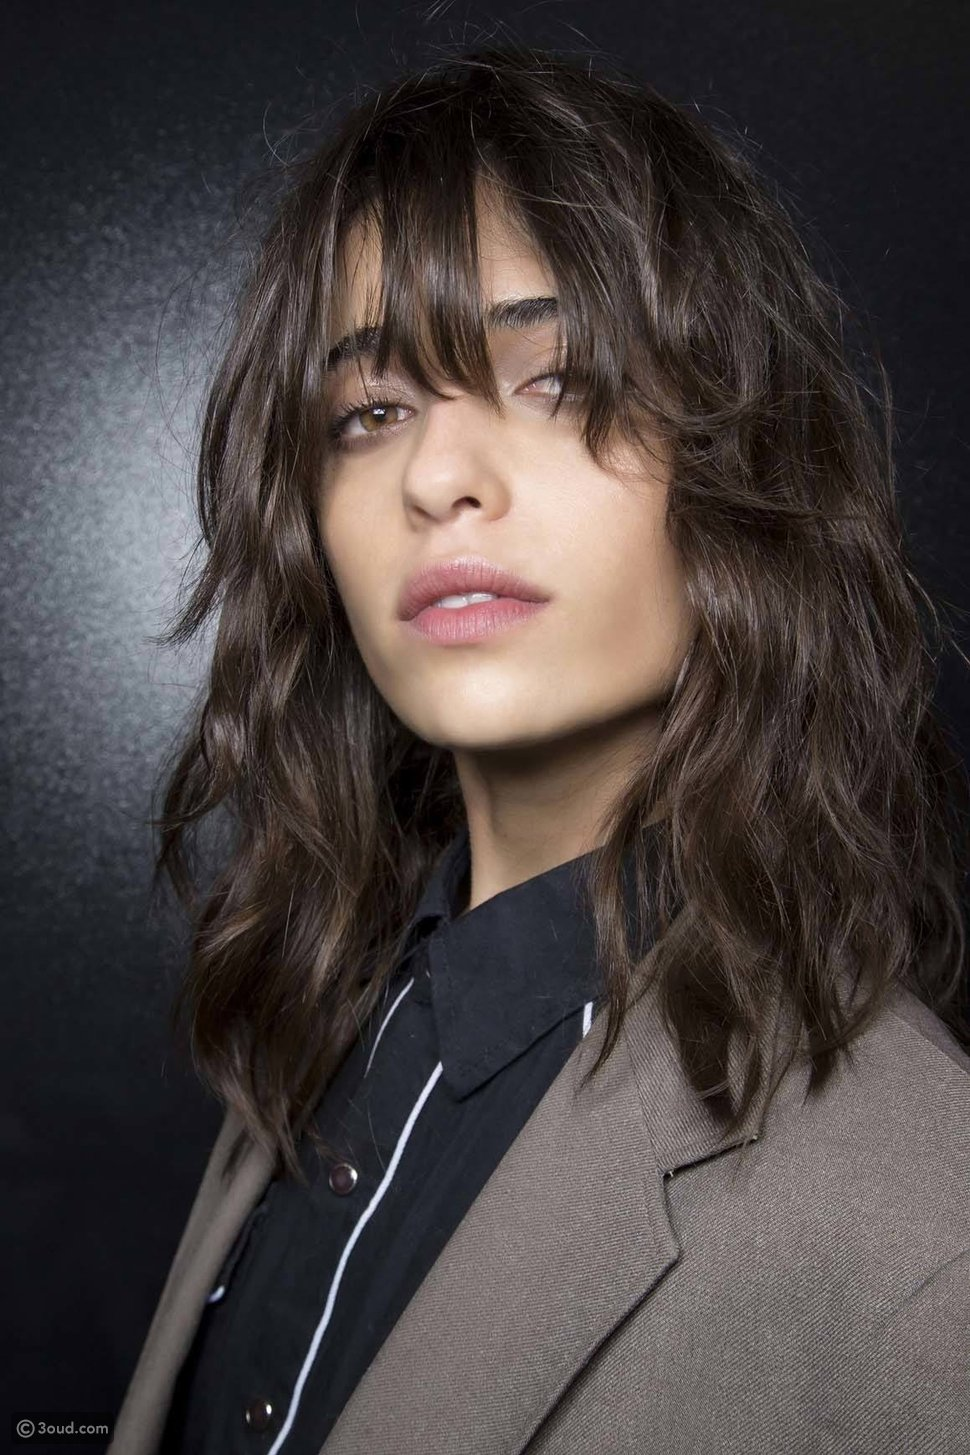 كيف تحددين شكل وجهك؟ 3 طرق للقياس وأفضل تسريحات الشعر لكل منها